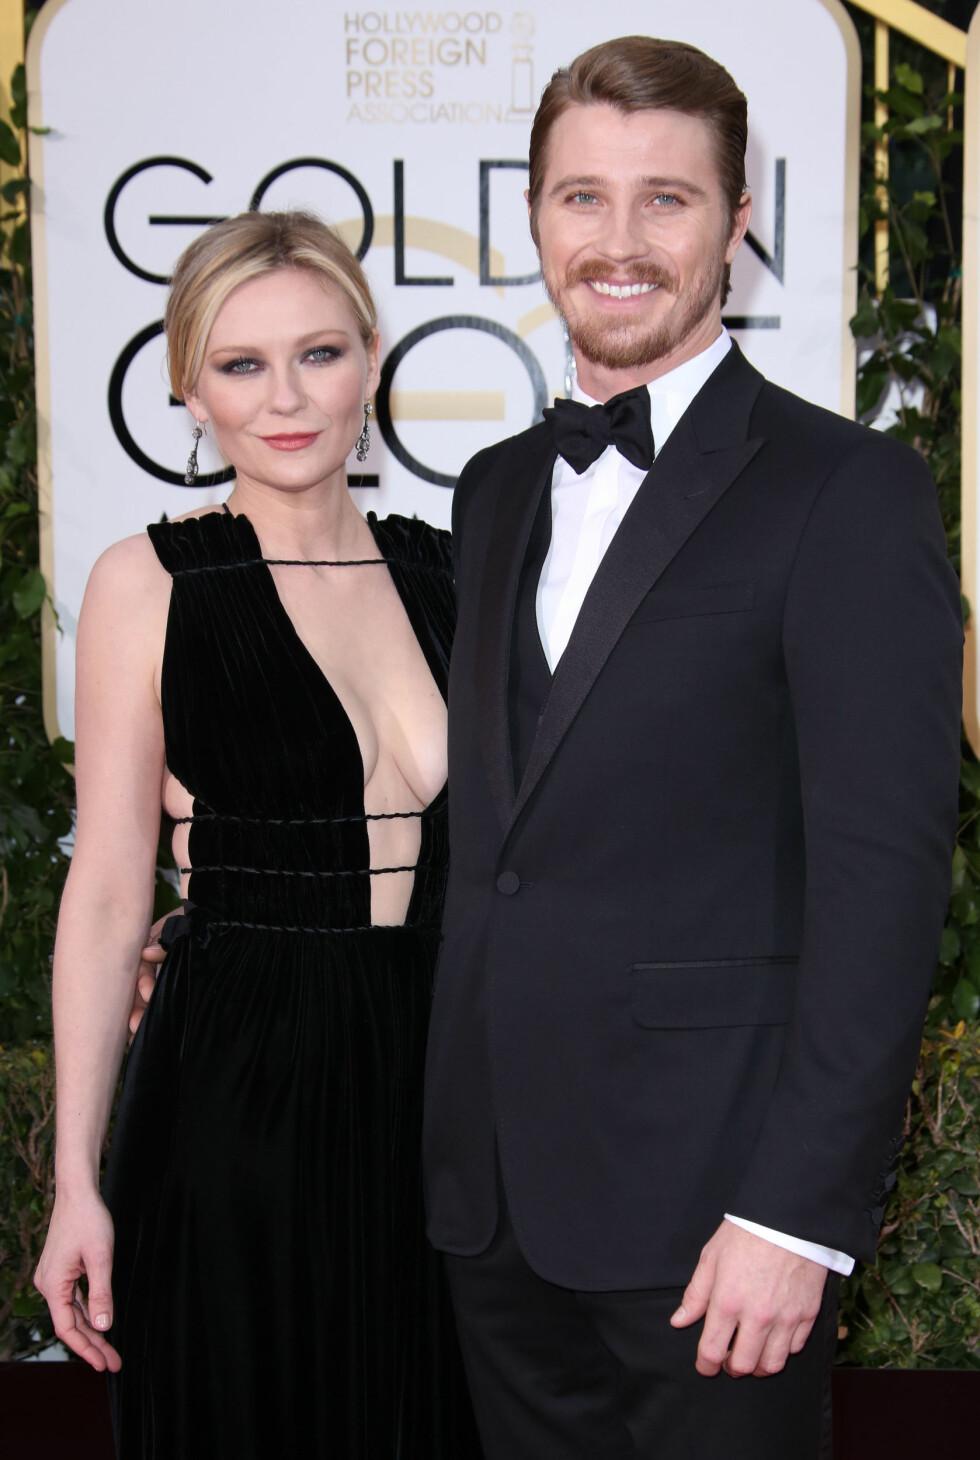 BRUDD: Etter fire år som et av Hollywoods hotteste skuespillerpar annonserte Kirsten Dunst og Garrett Hedlund i april at de to hadde valgt å bryte forholdet. Foto: NTB Scanpix